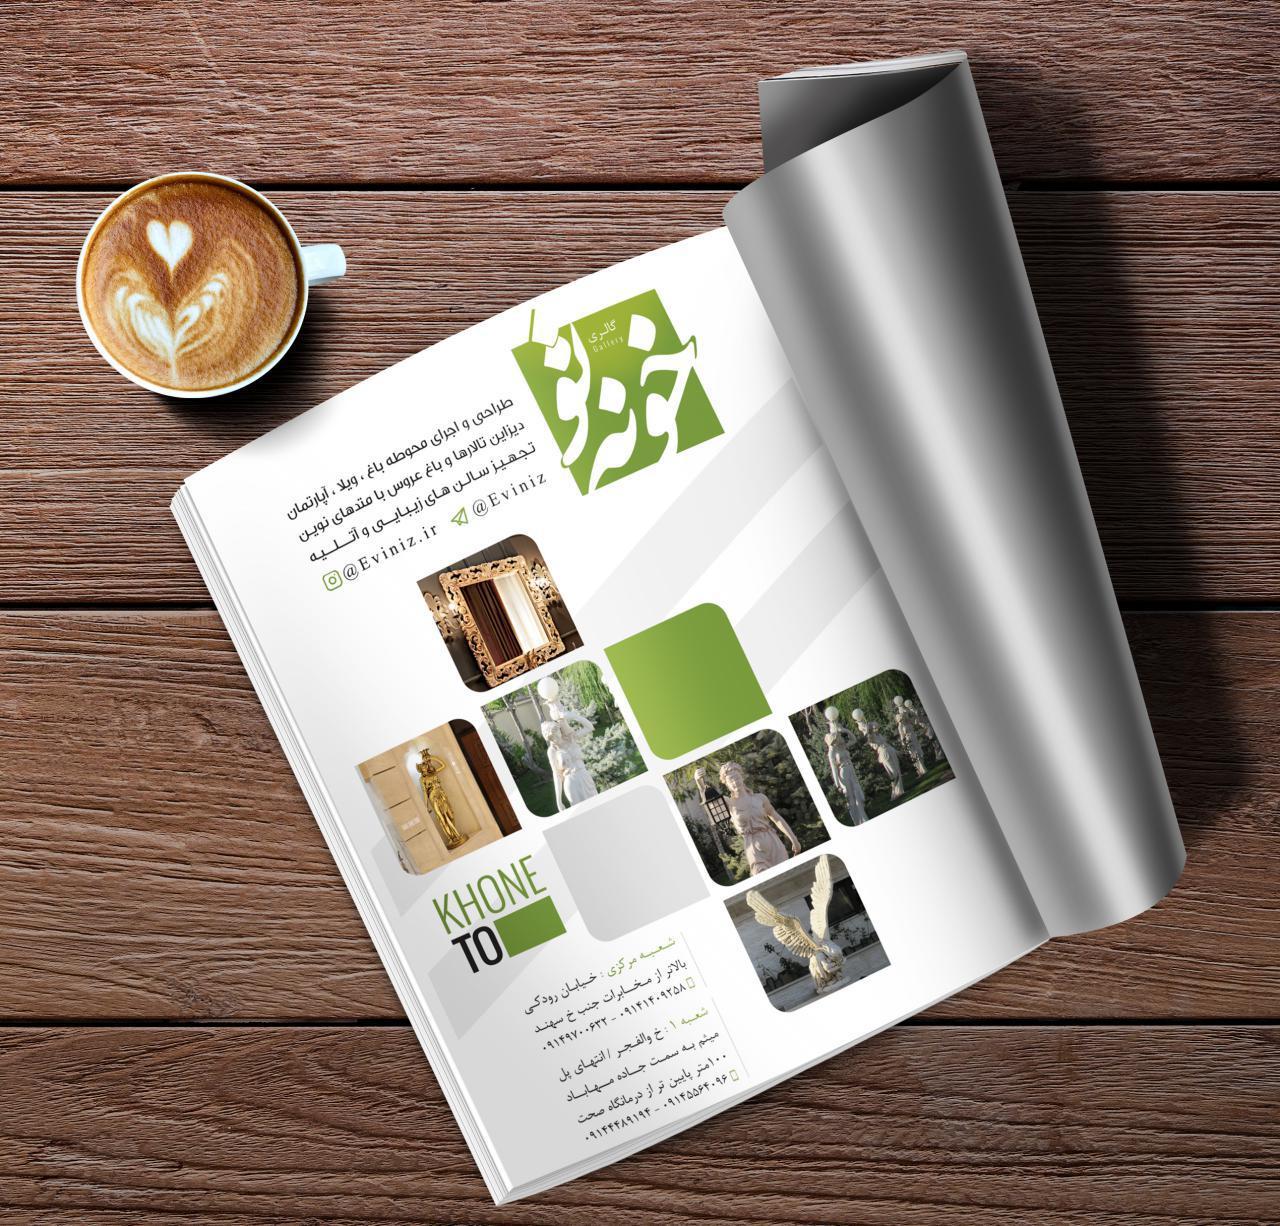 طراحی کتابچه مشاغل خونه تو